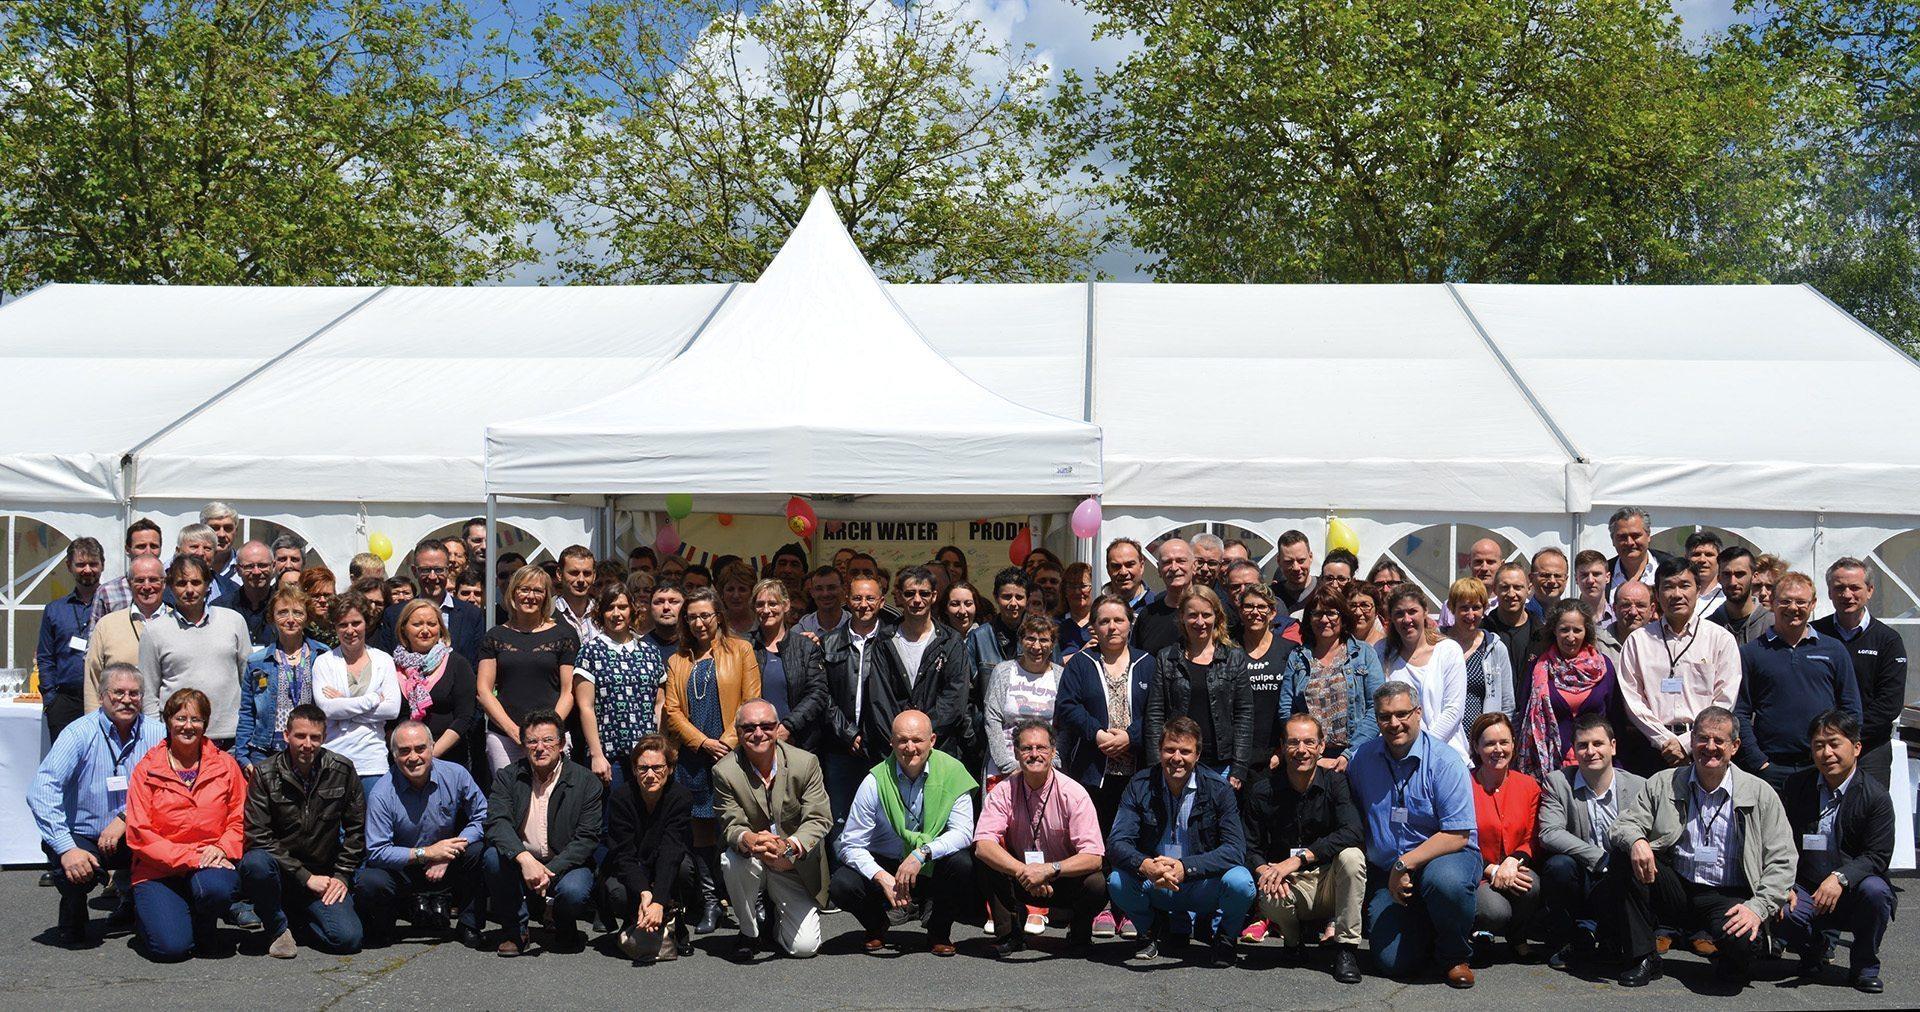 Le 15 juin 2016, la société a célébré ses 40 ans en France, avec tous ses employés et les responsables des usines de la branche « Specialty Ingredients » du groupe Lonza qui étaient également présents pour leur congrès annuel.